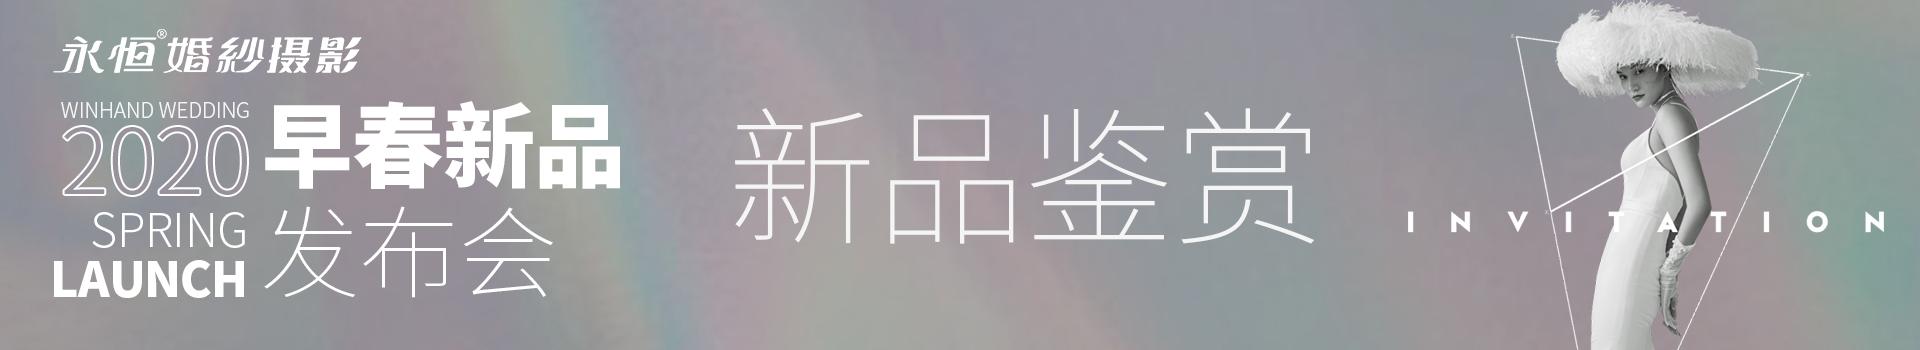 首页幻灯片轮播下-Banner